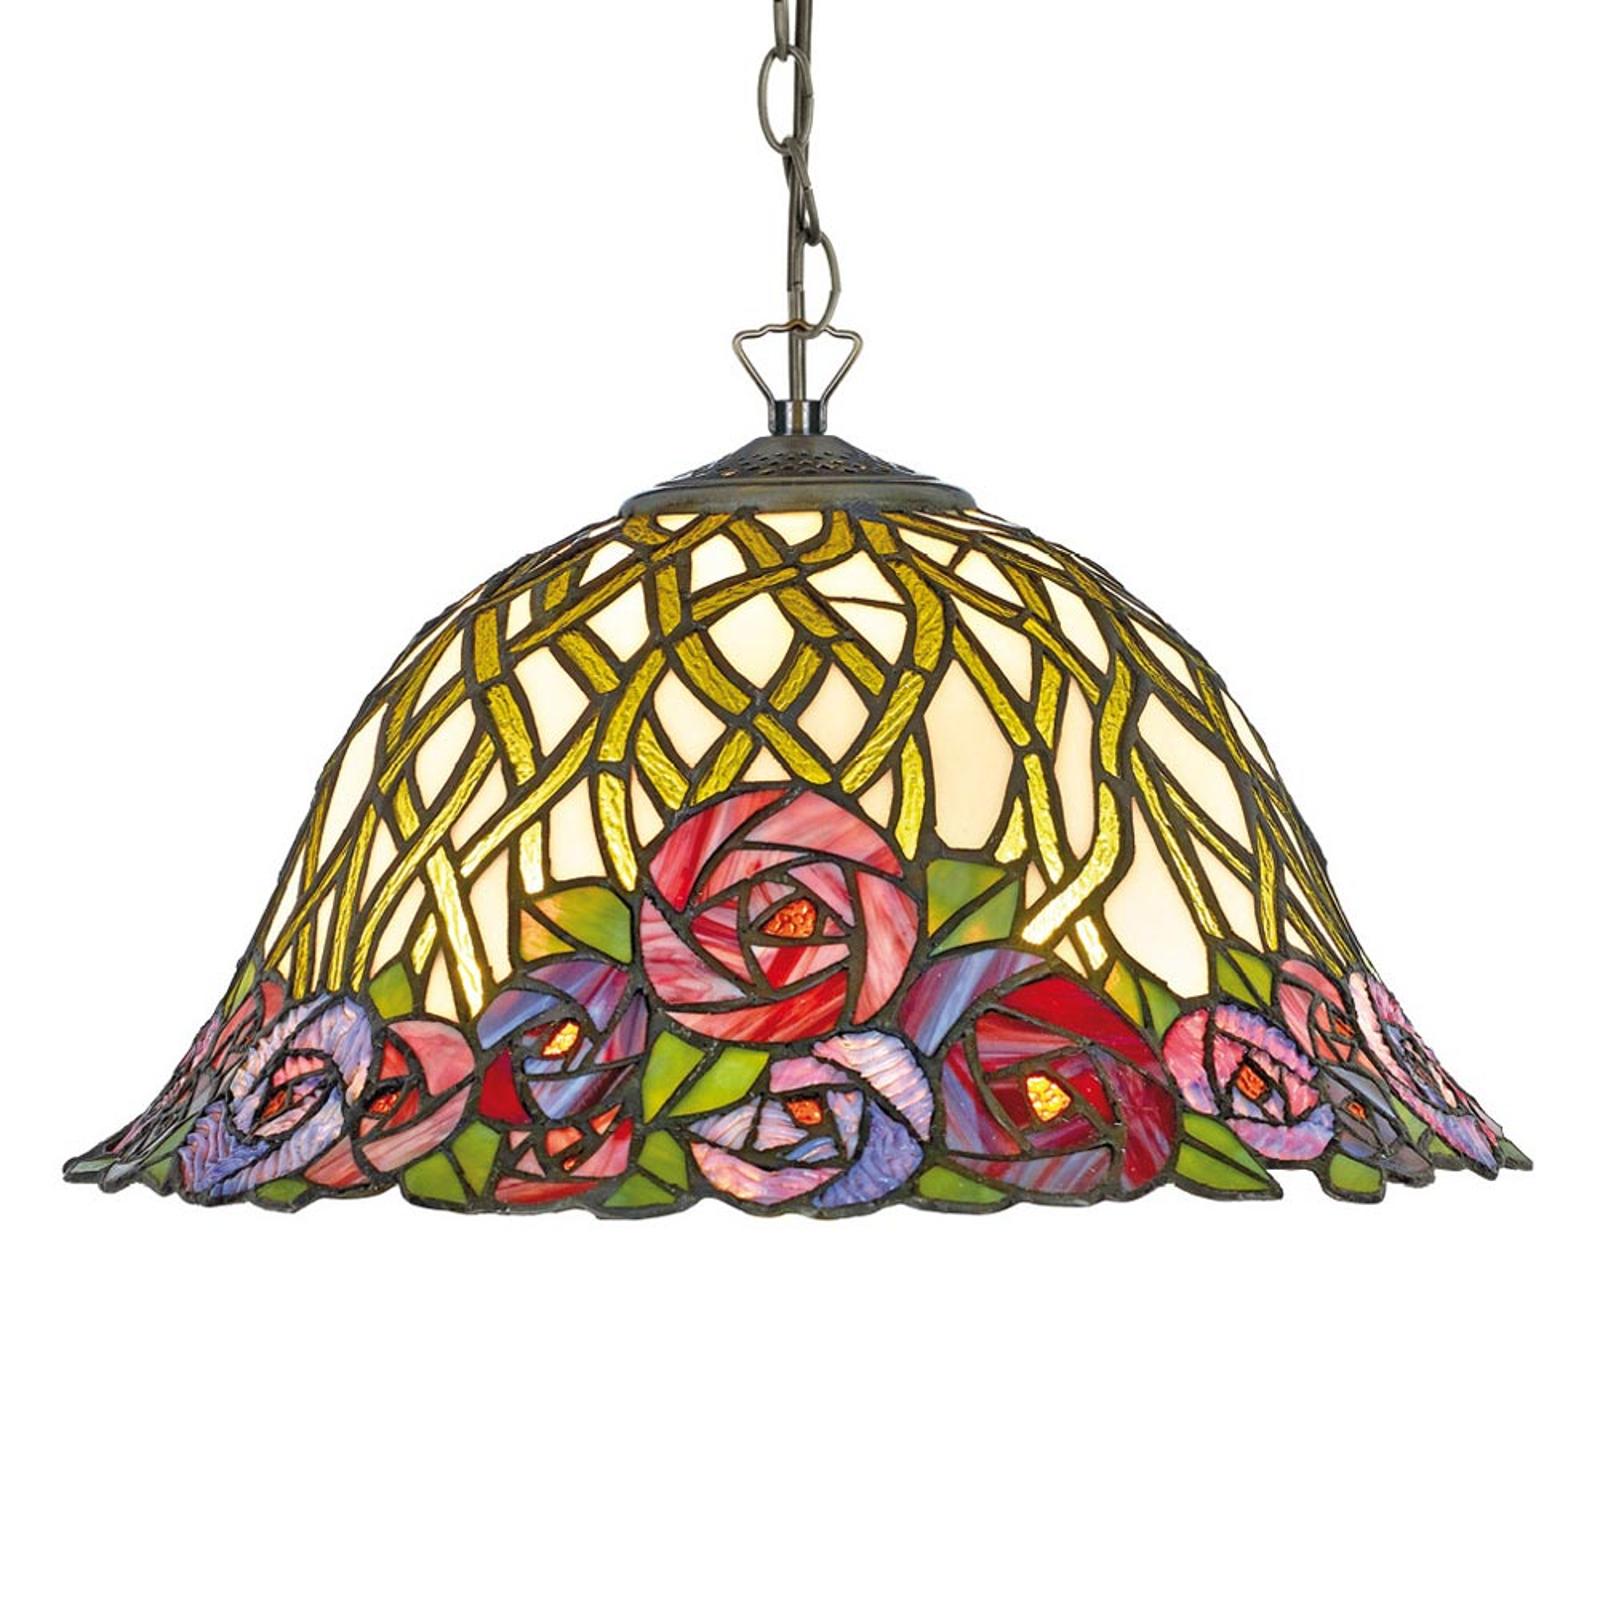 Hanglamp Melika in prachtig Tiffany design